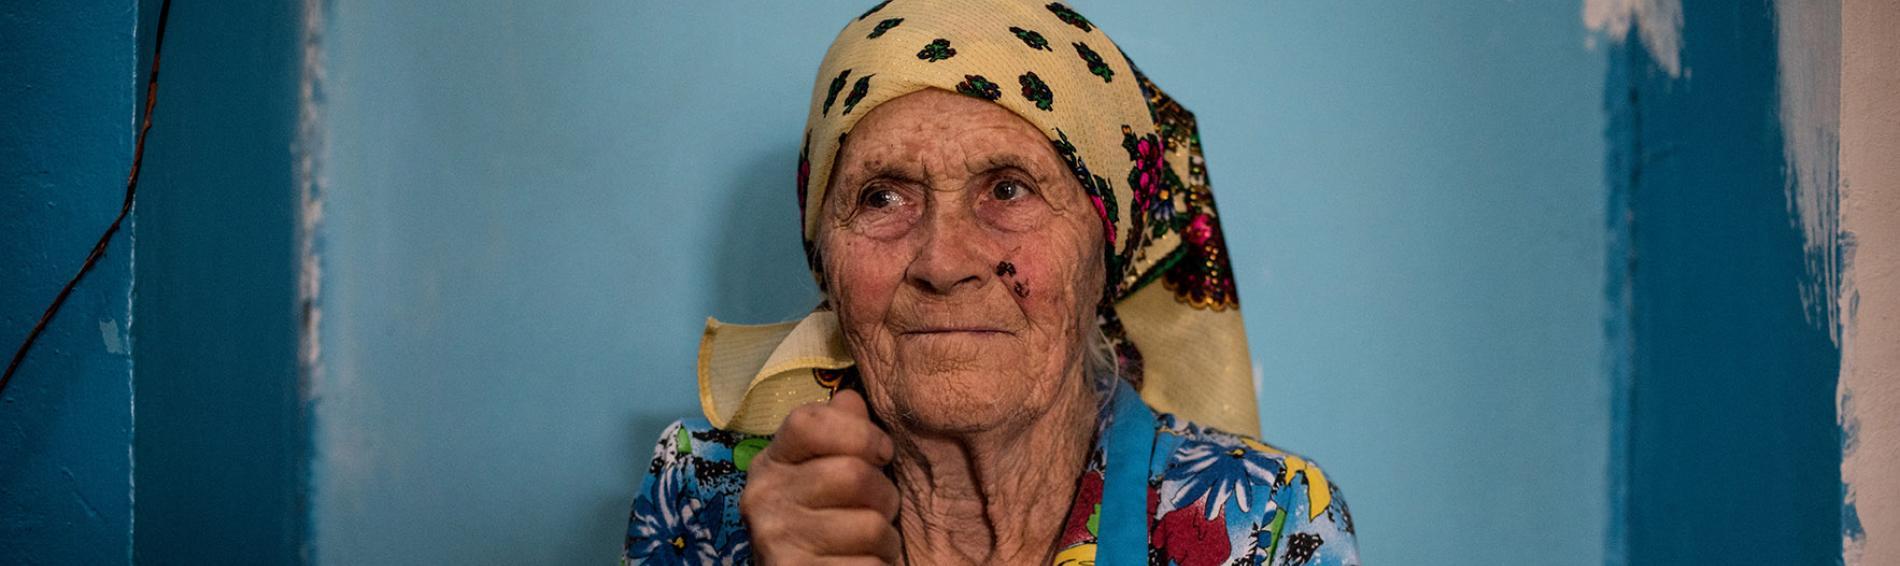 Die ukrainische Bevölkerung im Donbass ist schon jetzt medzinisch schlecht versorgt. Foto: Evgeniy Maloletka